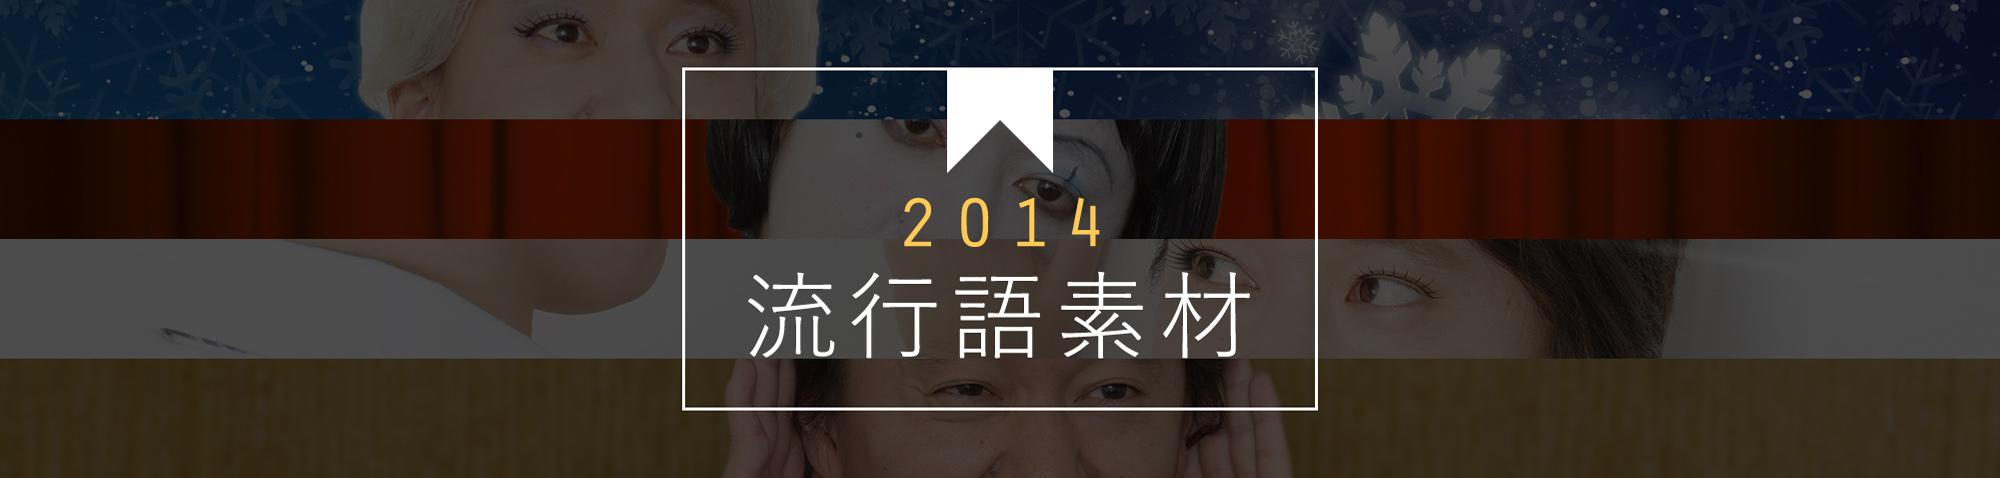 2014年 流行語素材